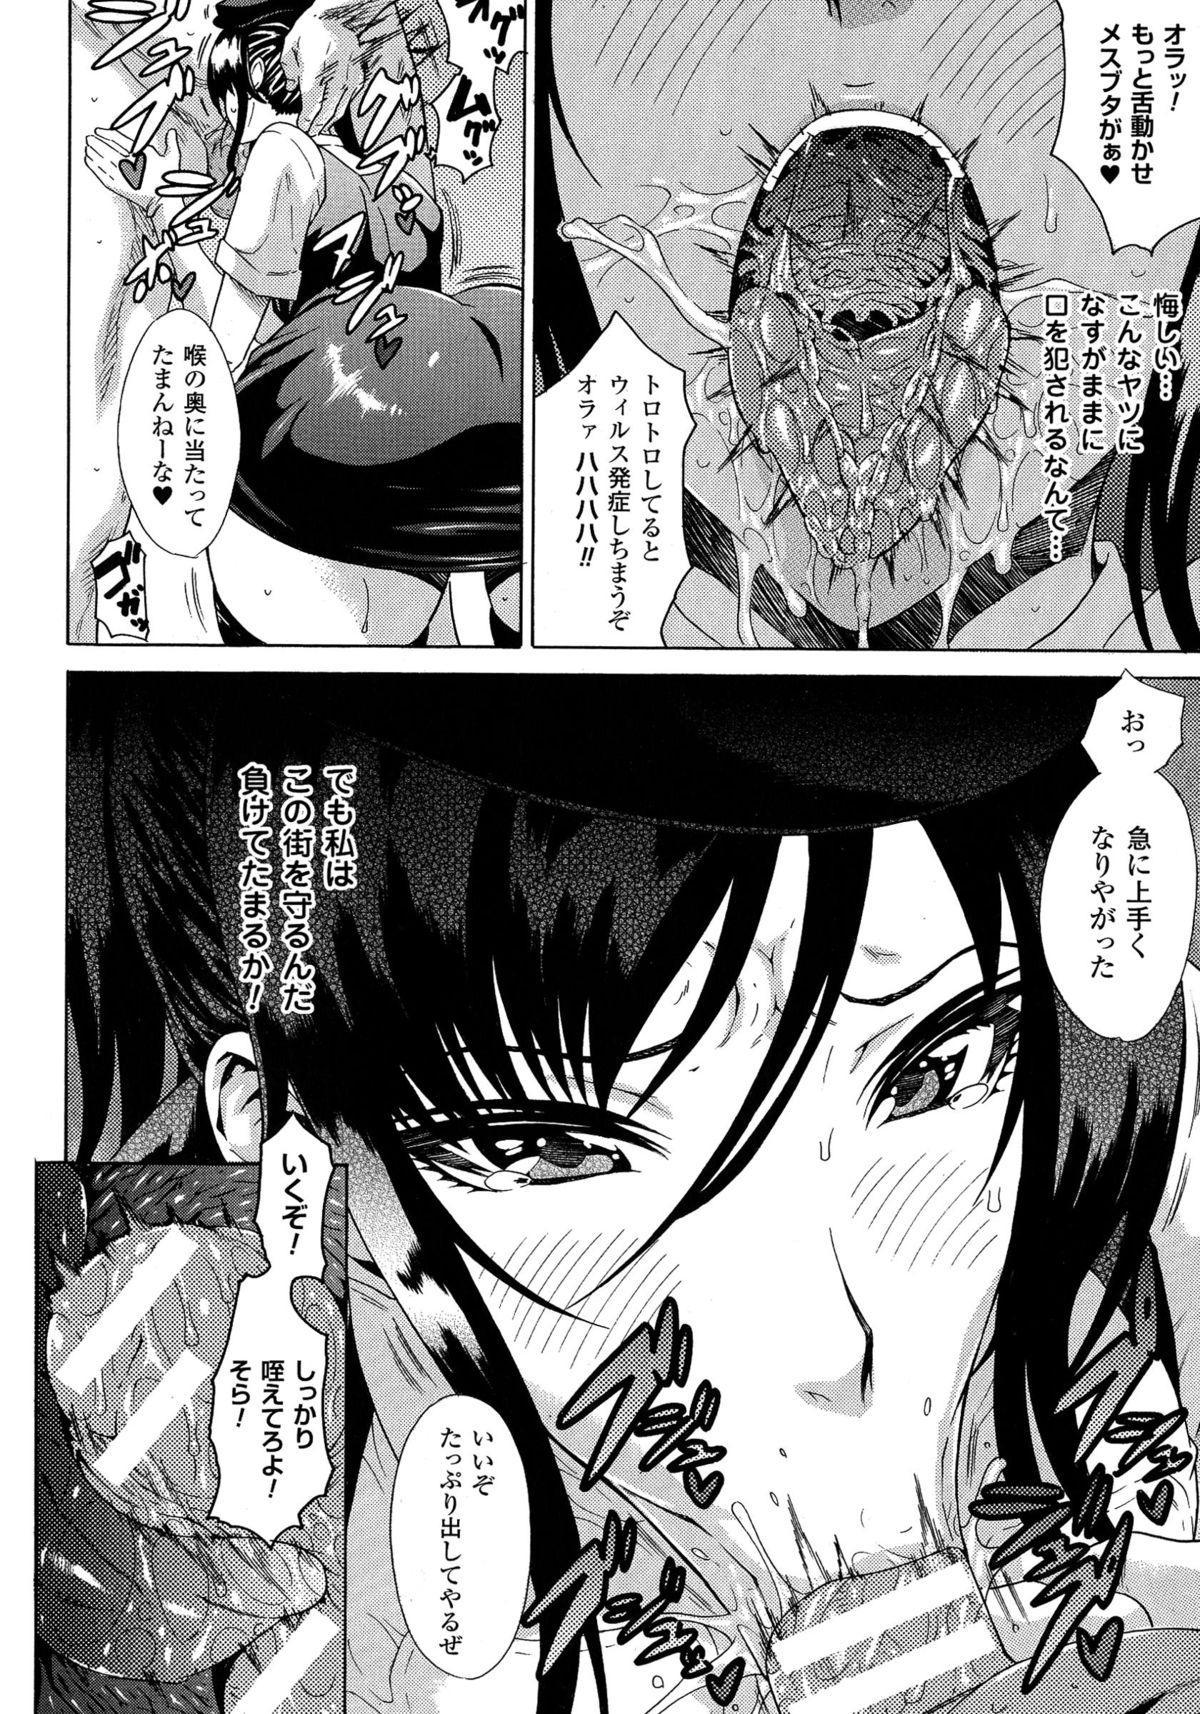 Kachiki na Onna ga Buzama na Ahegao o Sarasu made 31